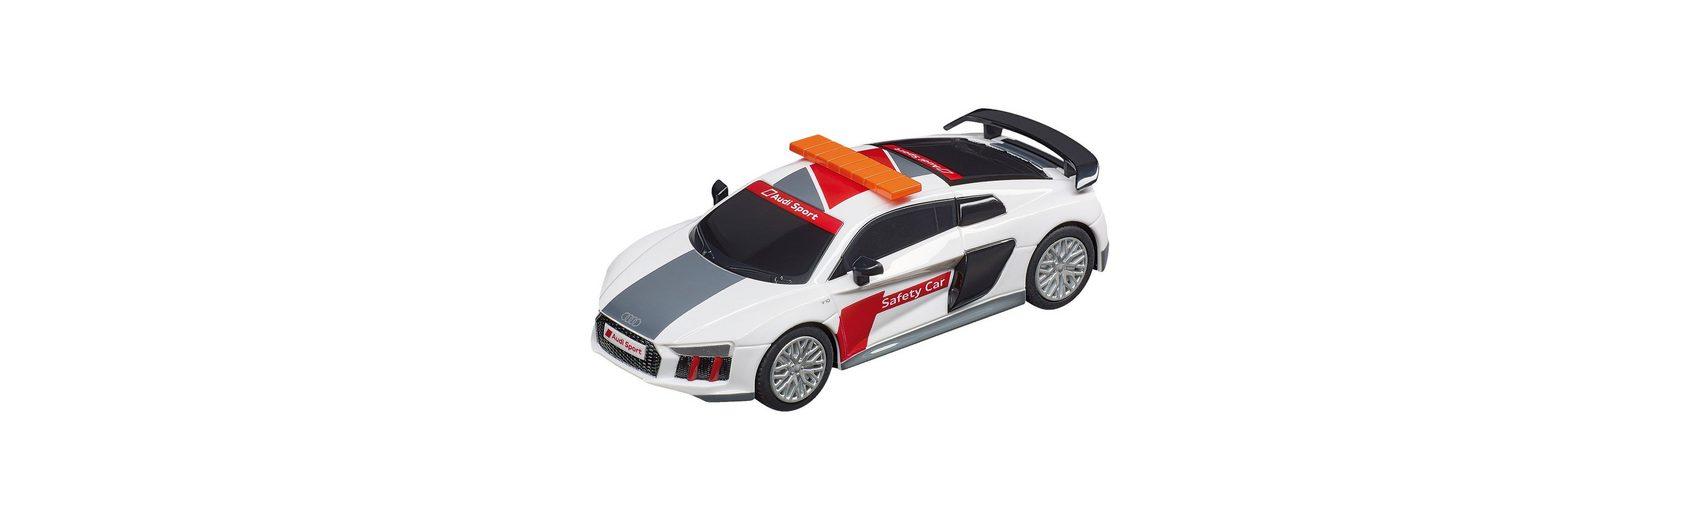 """Carrera Digital 143 41391 Audi R8 V10 Plus """"Safety Car"""""""